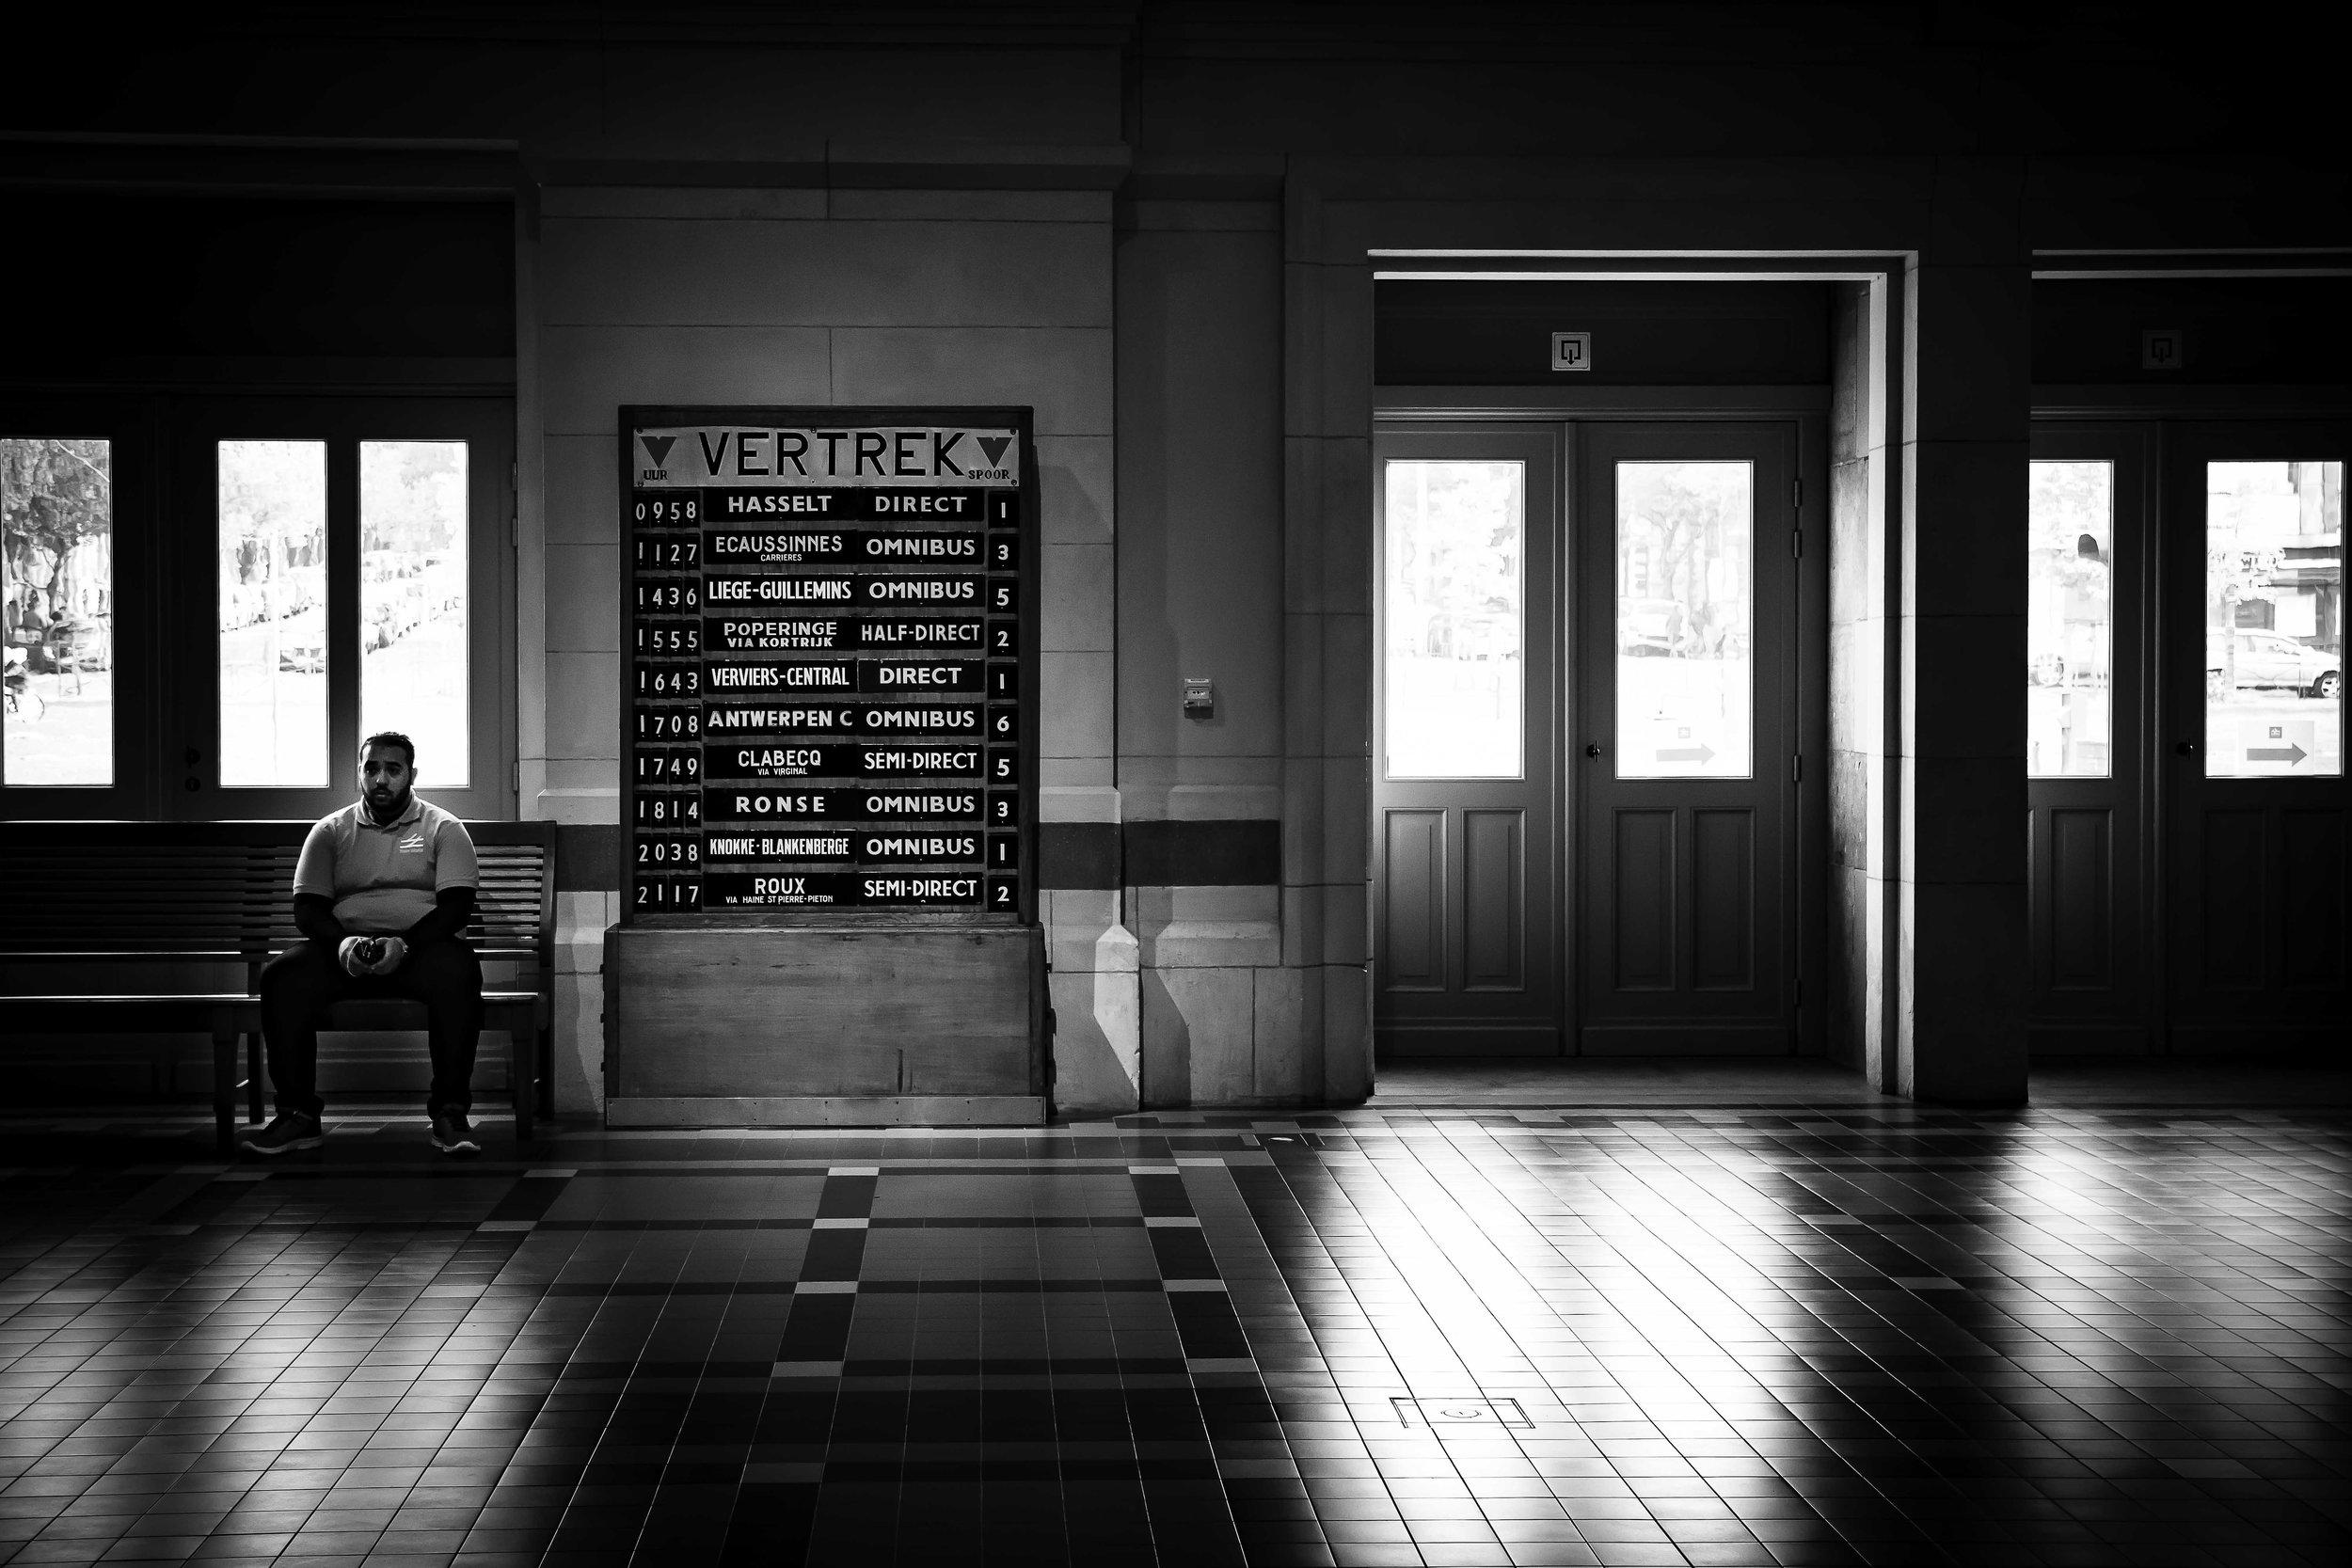 viewfinder-film-noire-fotografie-train-world-schaarbeek-inkomhal